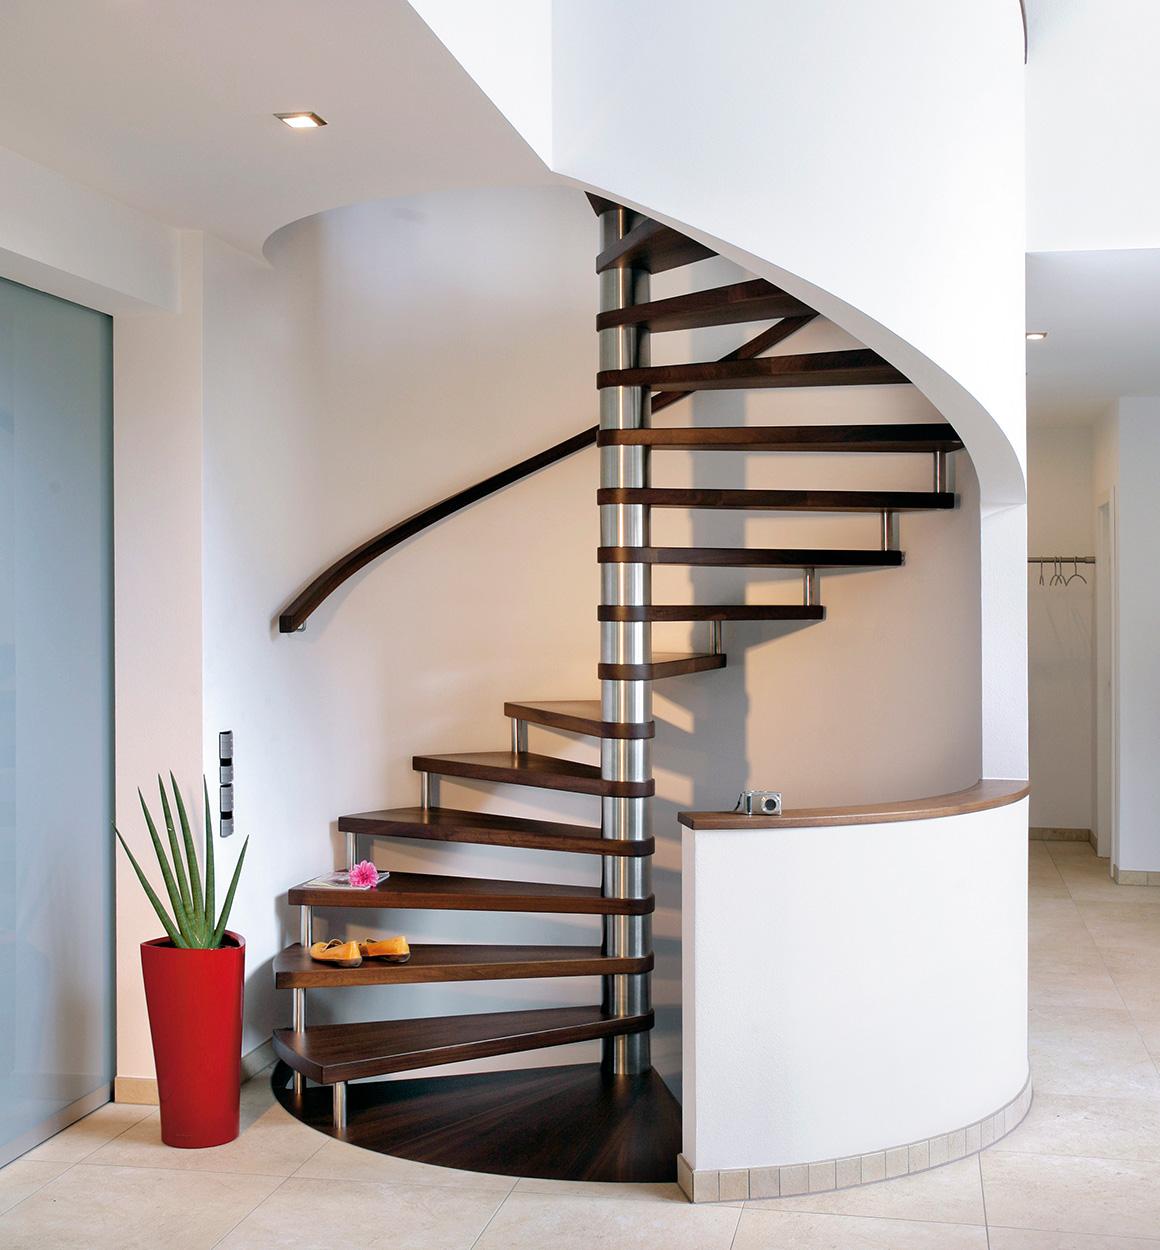 wiehl treppen plz 72511 bingen spindeltreppe in amerikanischem nussbaum finden sie. Black Bedroom Furniture Sets. Home Design Ideas